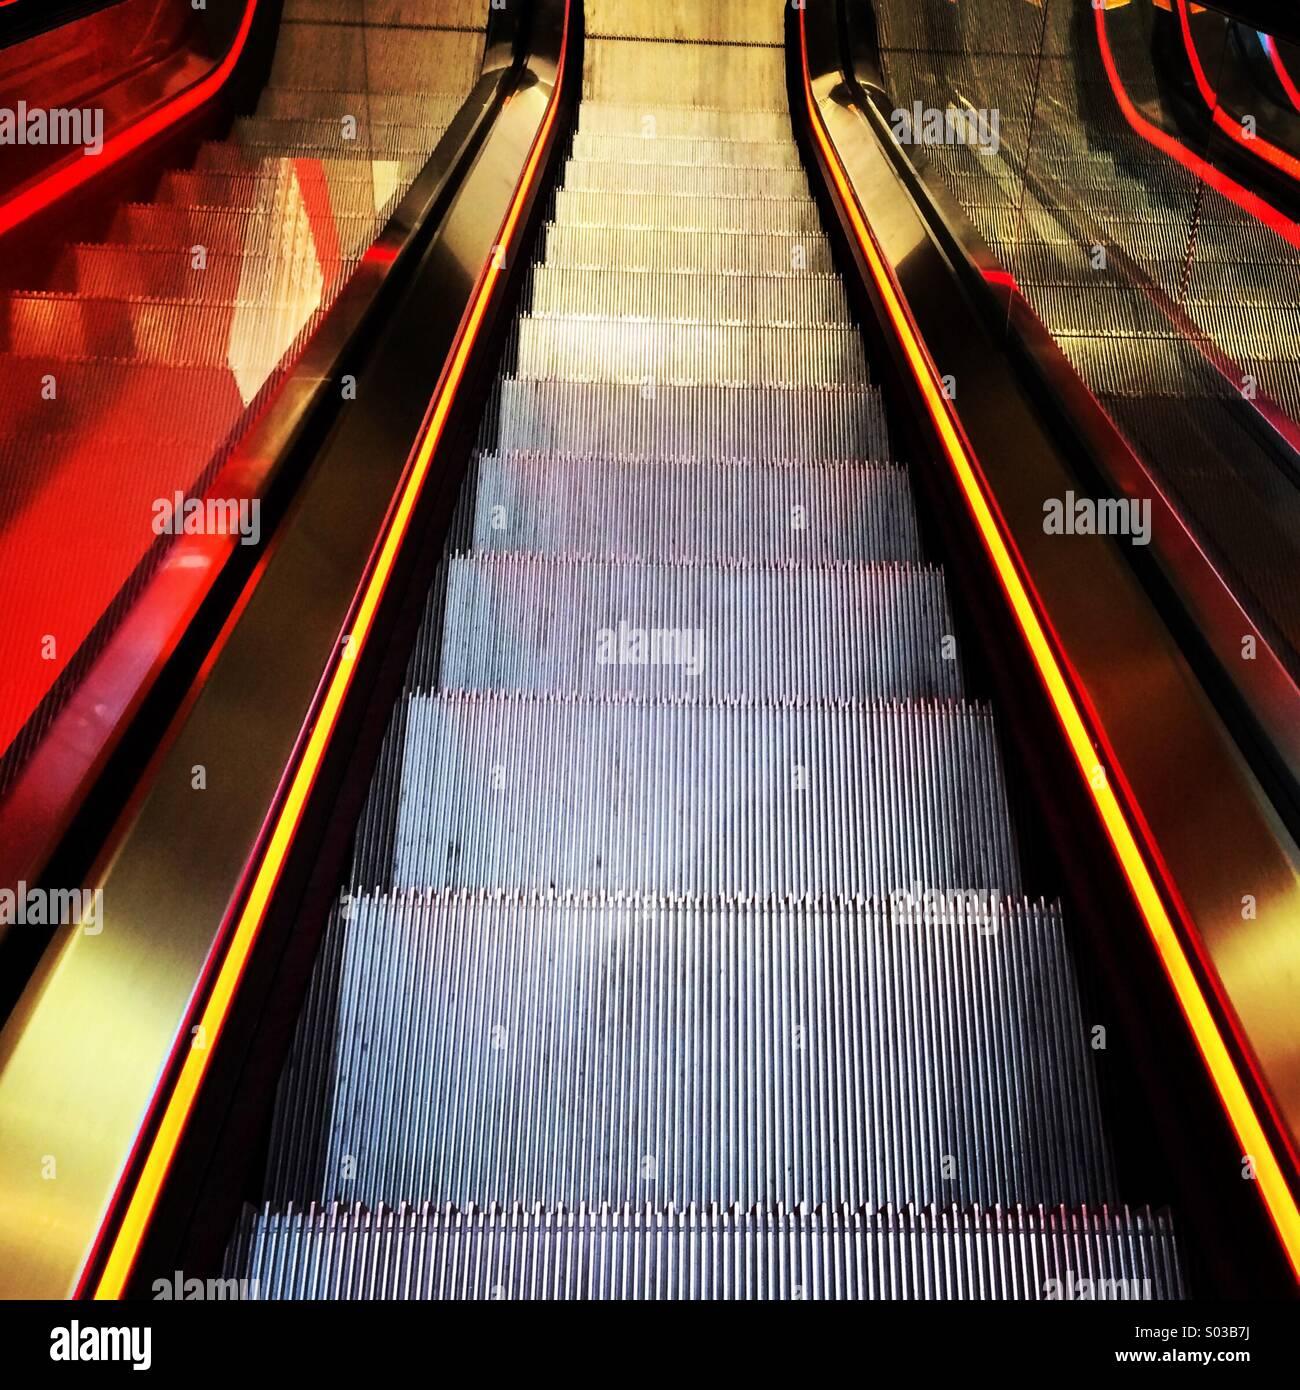 Escalera luminoso de neón. Imagen De Stock